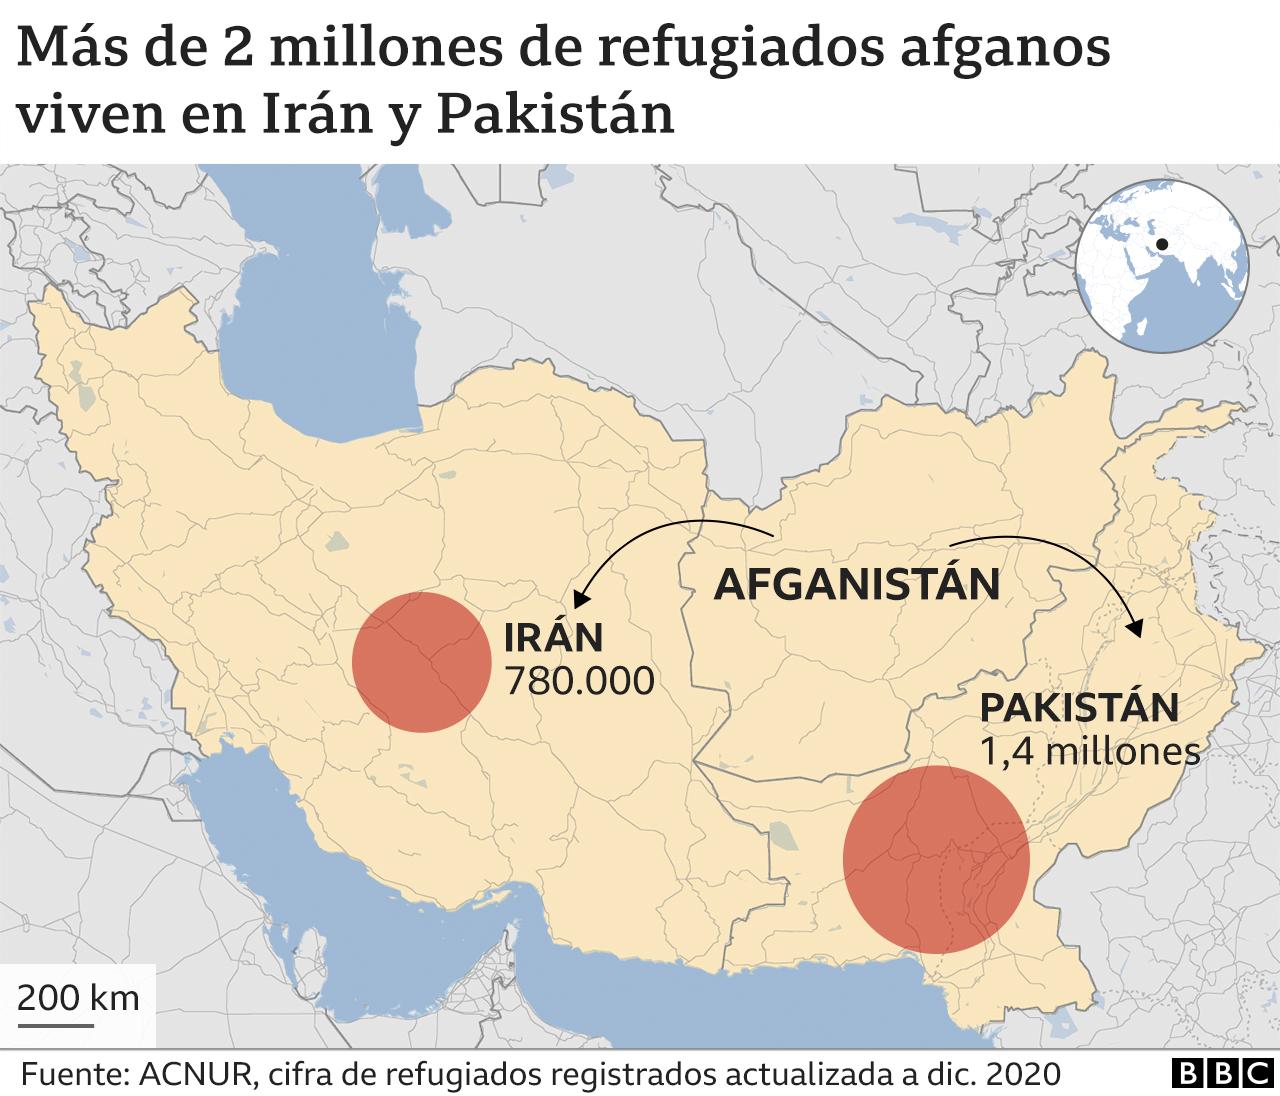 Gráfico con la cifra de refugiados afganos en Irán y Pakistán